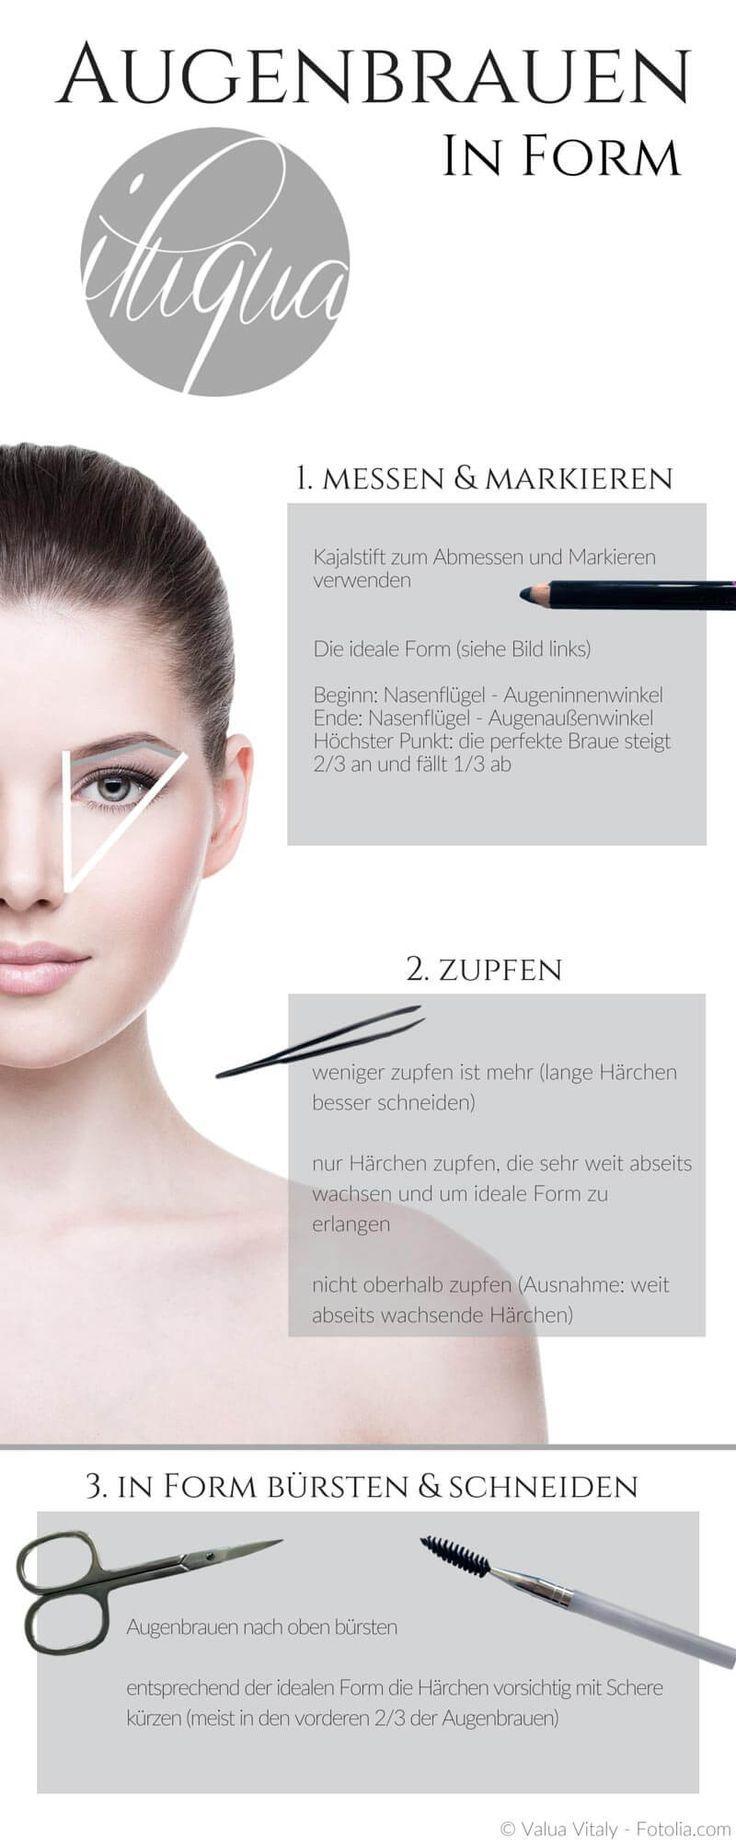 Augenbrauen umrahmen dein Gesicht. Also zupfe deine Augenbrauen richtig und ich … # tätowiere – Diy tattoo images